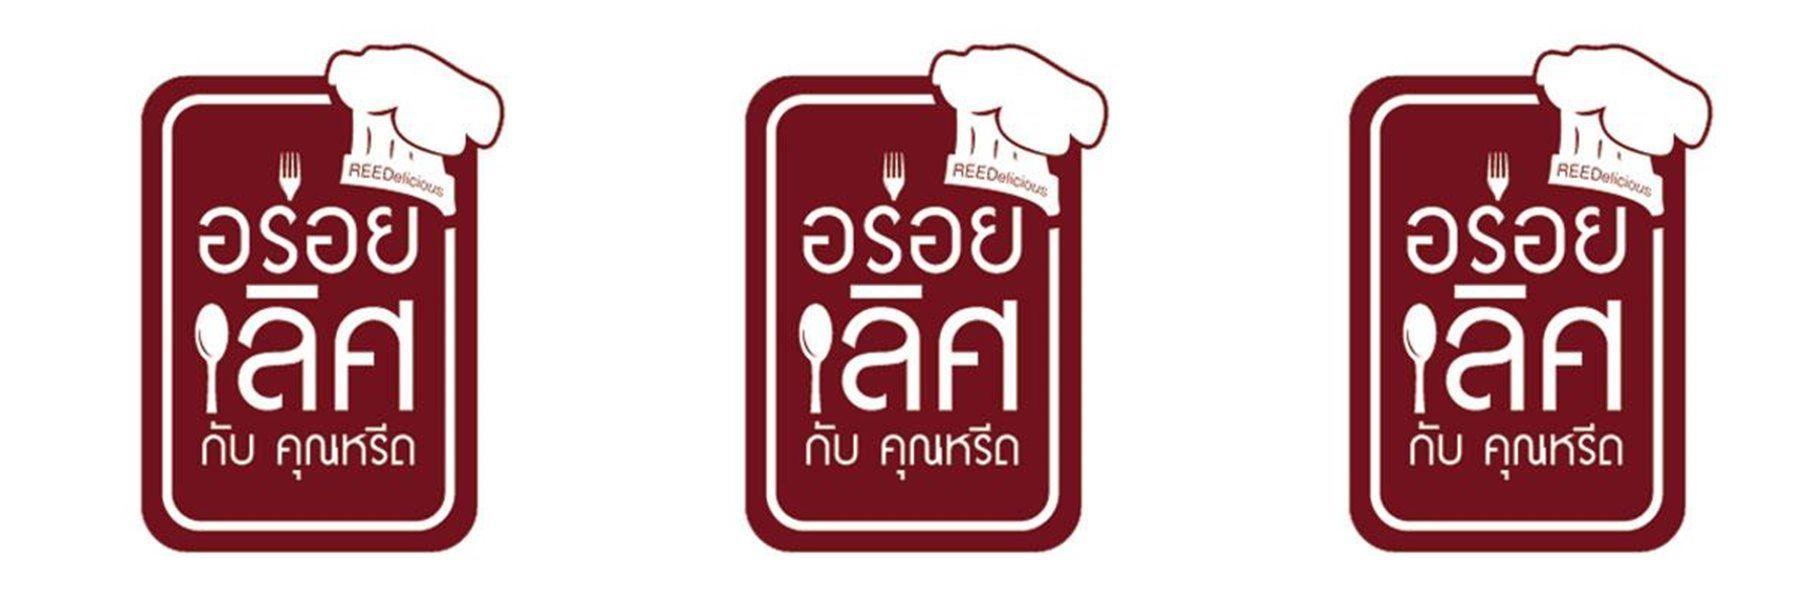 ดูละครย้อนหลัง รังสรรค์เมนูอาหารไทย แบบฉบับใหม่ Khao (ข้าว) สาขาเอกมัย | อร่อยเลิศกับคุณหรีด I 23 พ.ค. 62